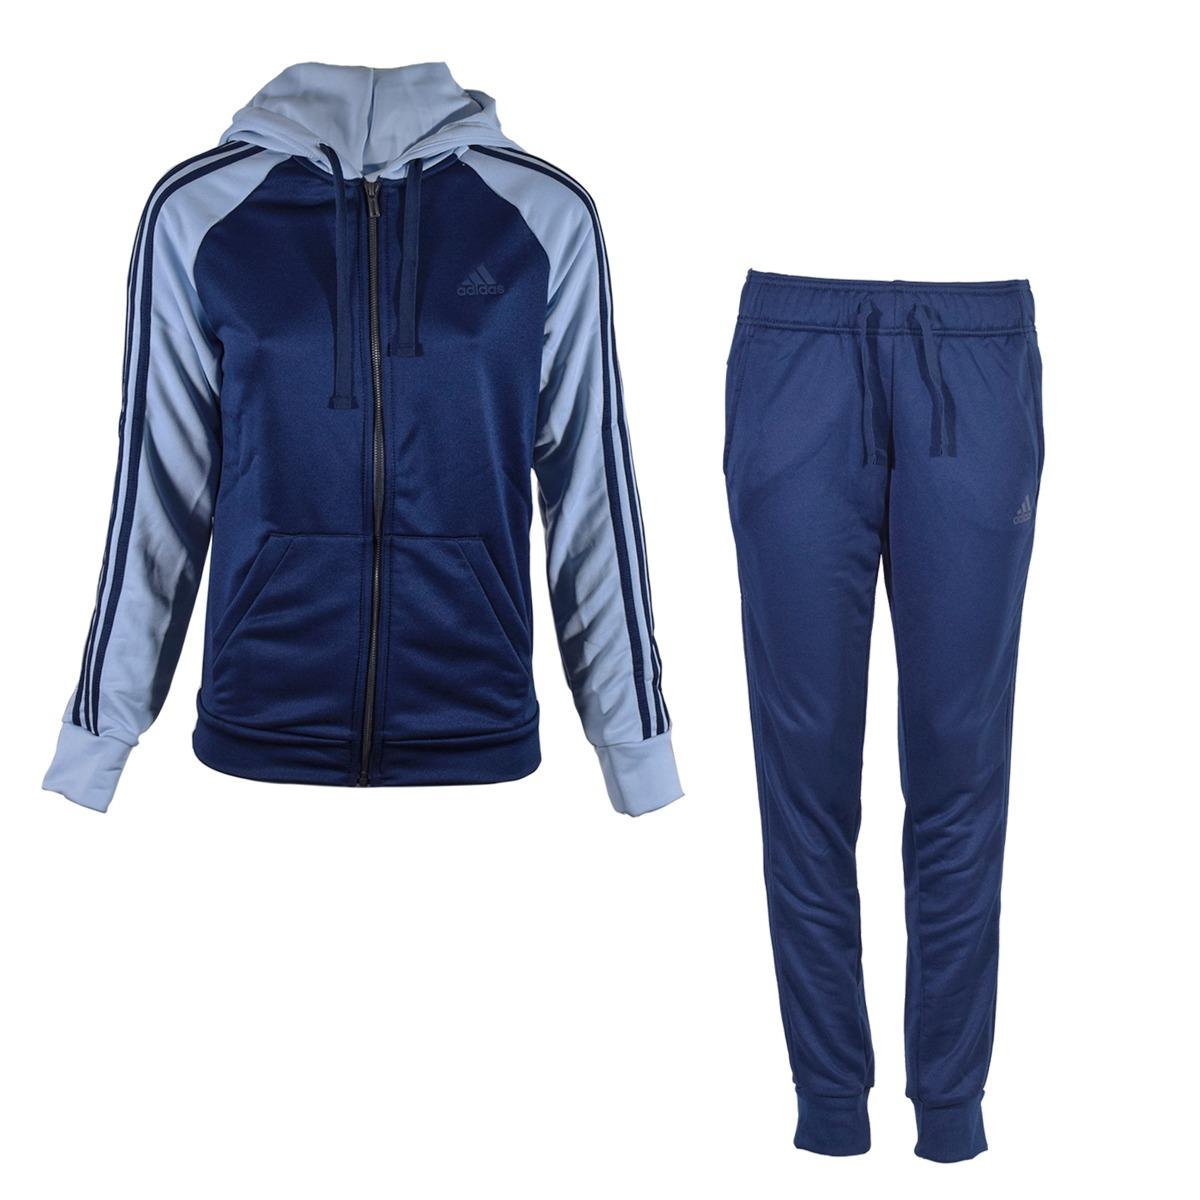 aa989dad802a5 conjunto deportivo adidas athletics re-focus ts mujer azul. Cargando zoom.